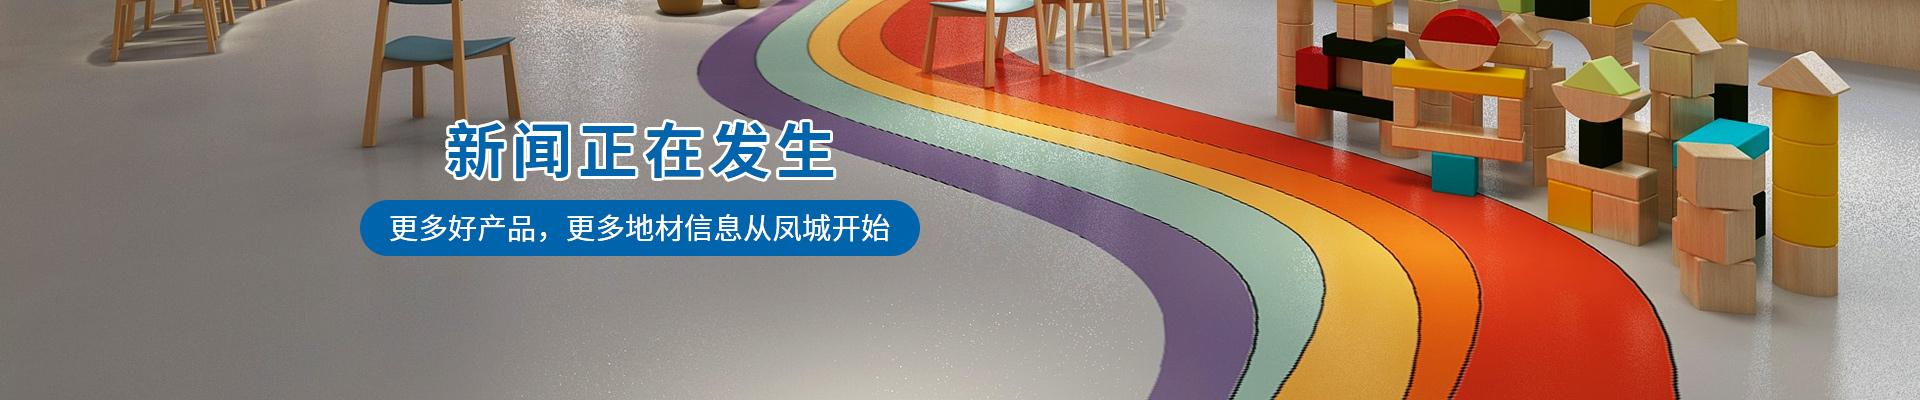 更多好产品,更多地材信息从凤城开始